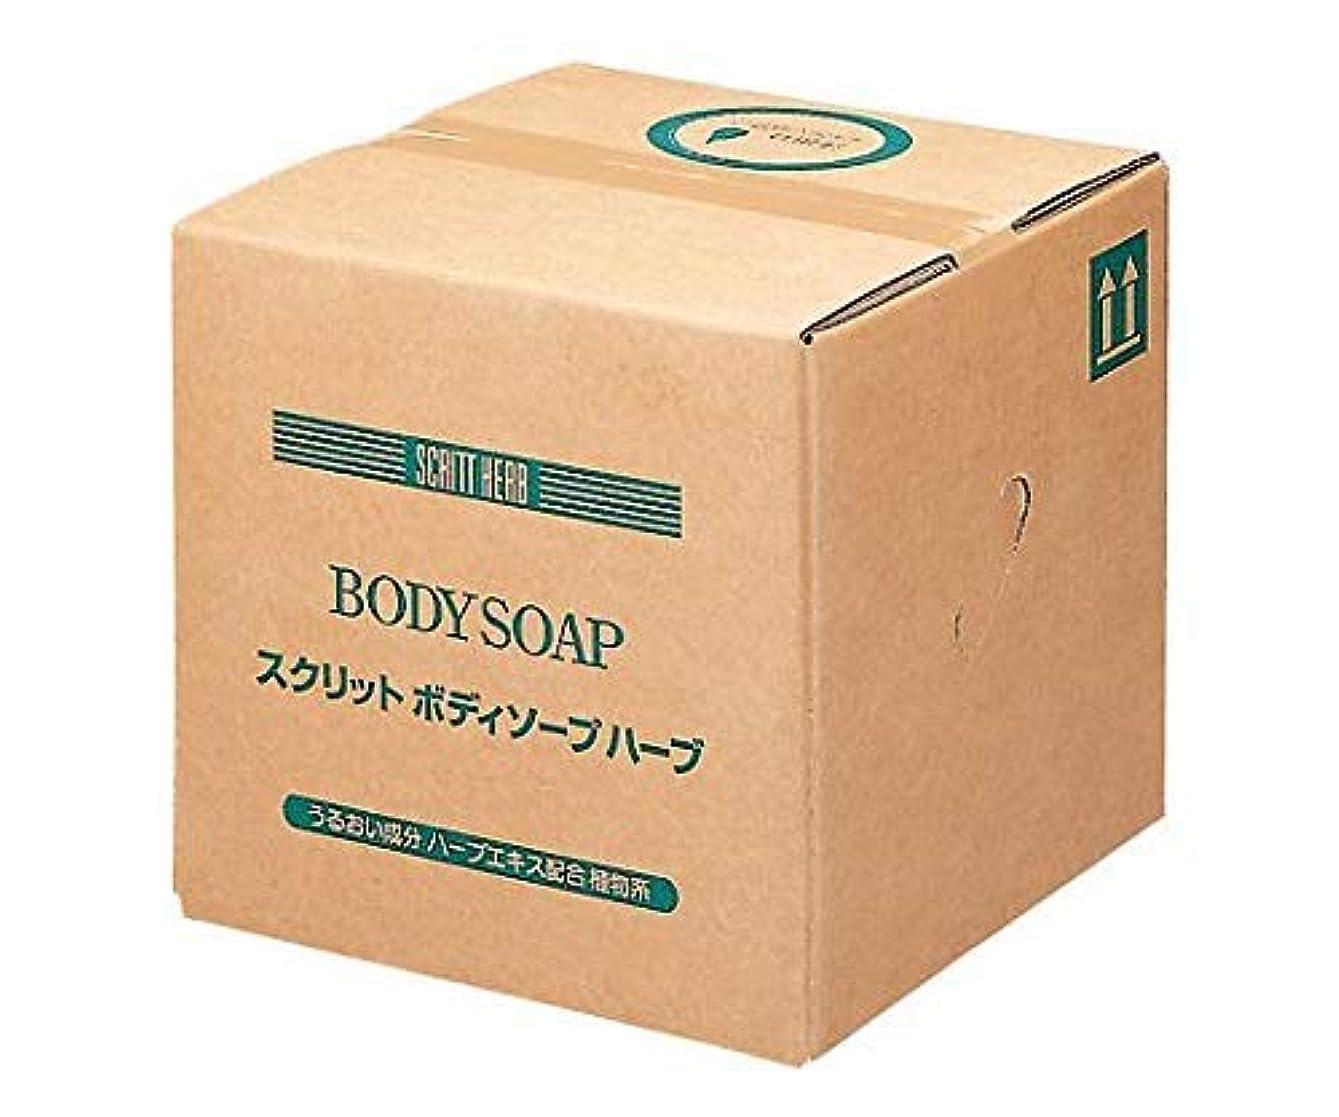 専門化する差別的移行業務用 SCRITT(スクリット) ボディソープ 18L 熊野油脂 (コック付き)